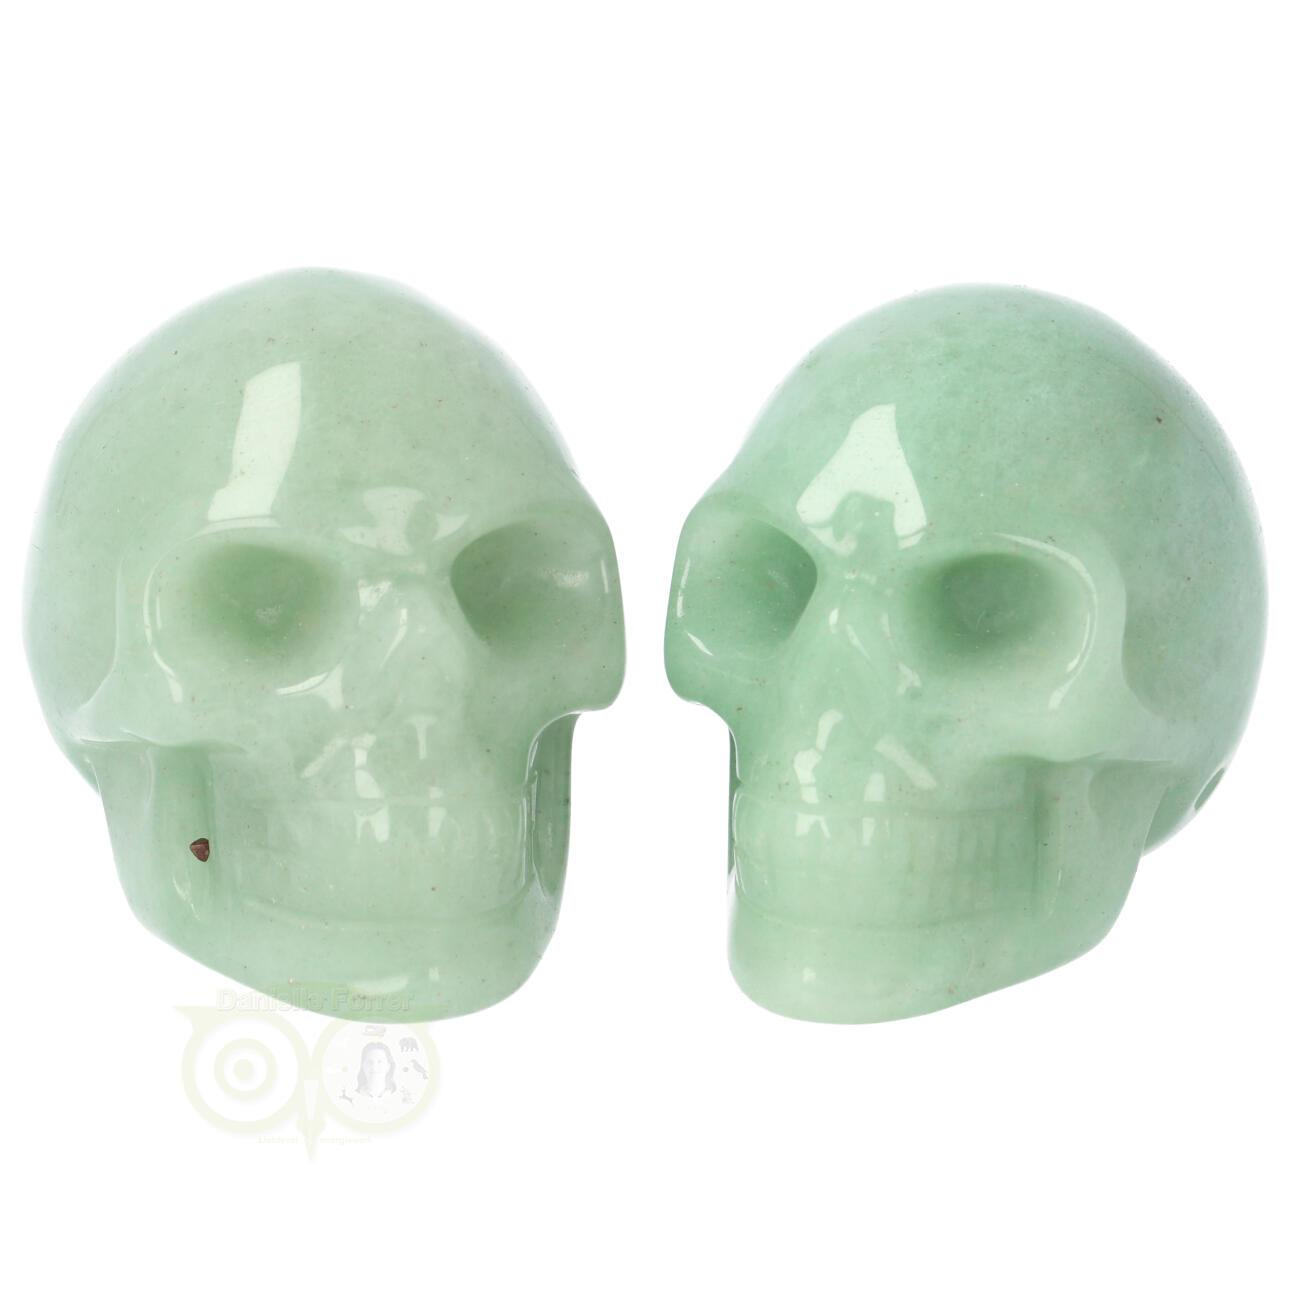 Aventurijn kristallen schedel - Aventurijn kleine schedels kopen | Edelstenen Webwinkel - Webshop Danielle Forrer